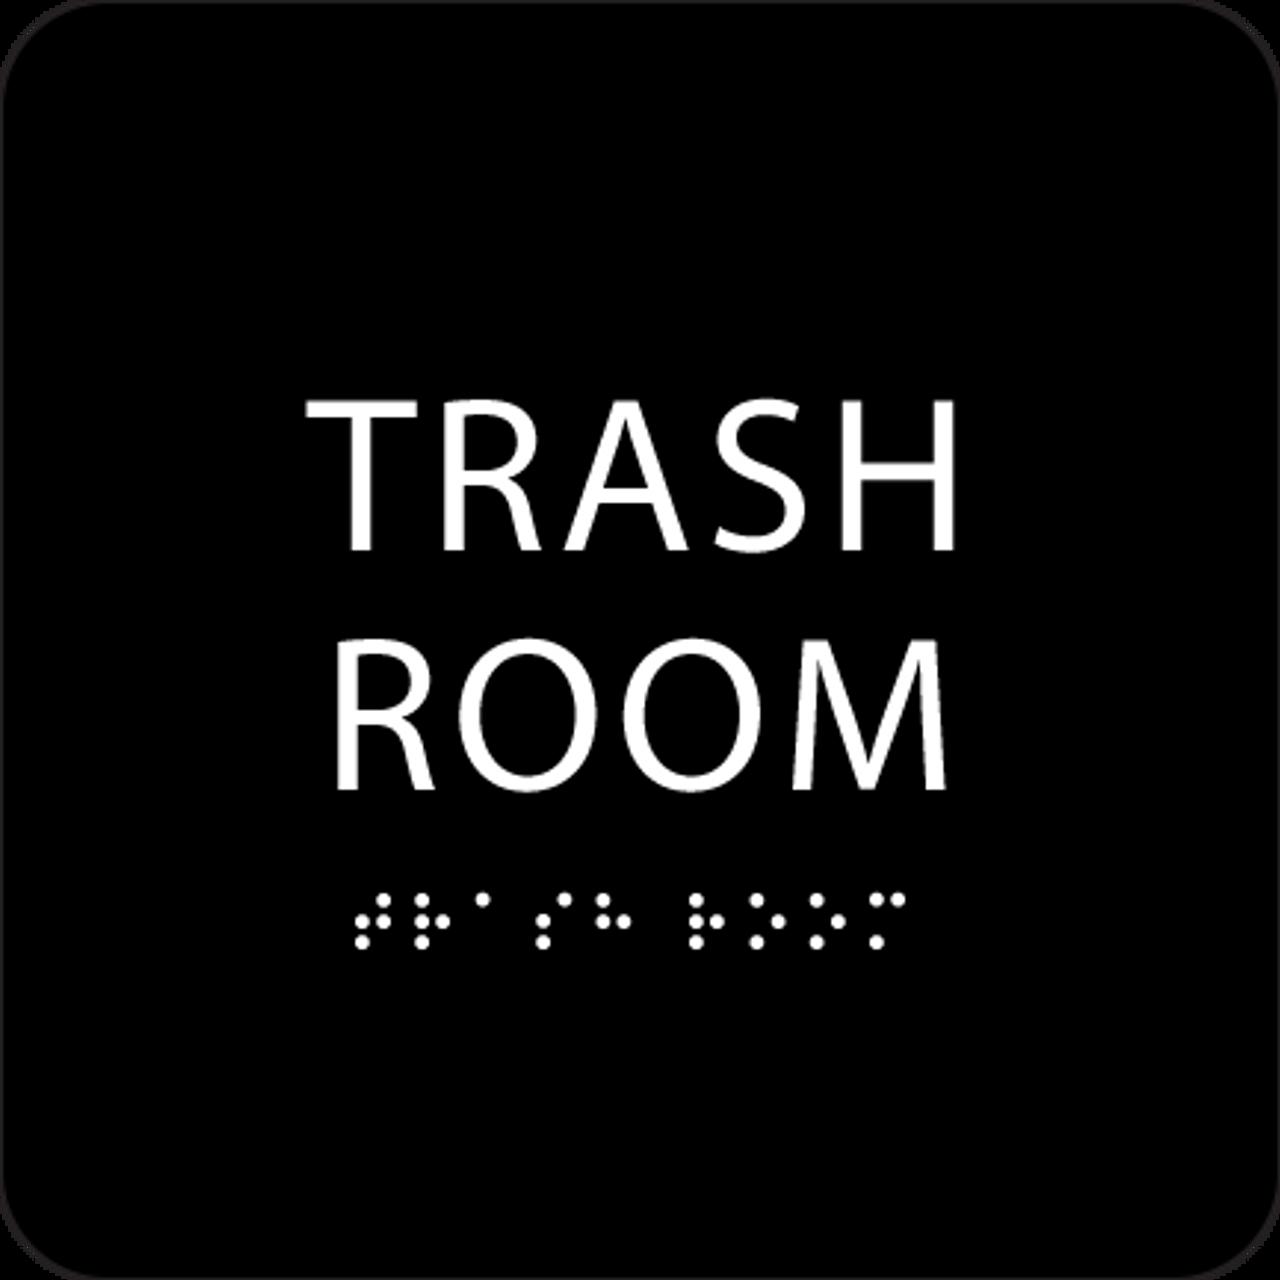 Black Trash Room ADA Sign